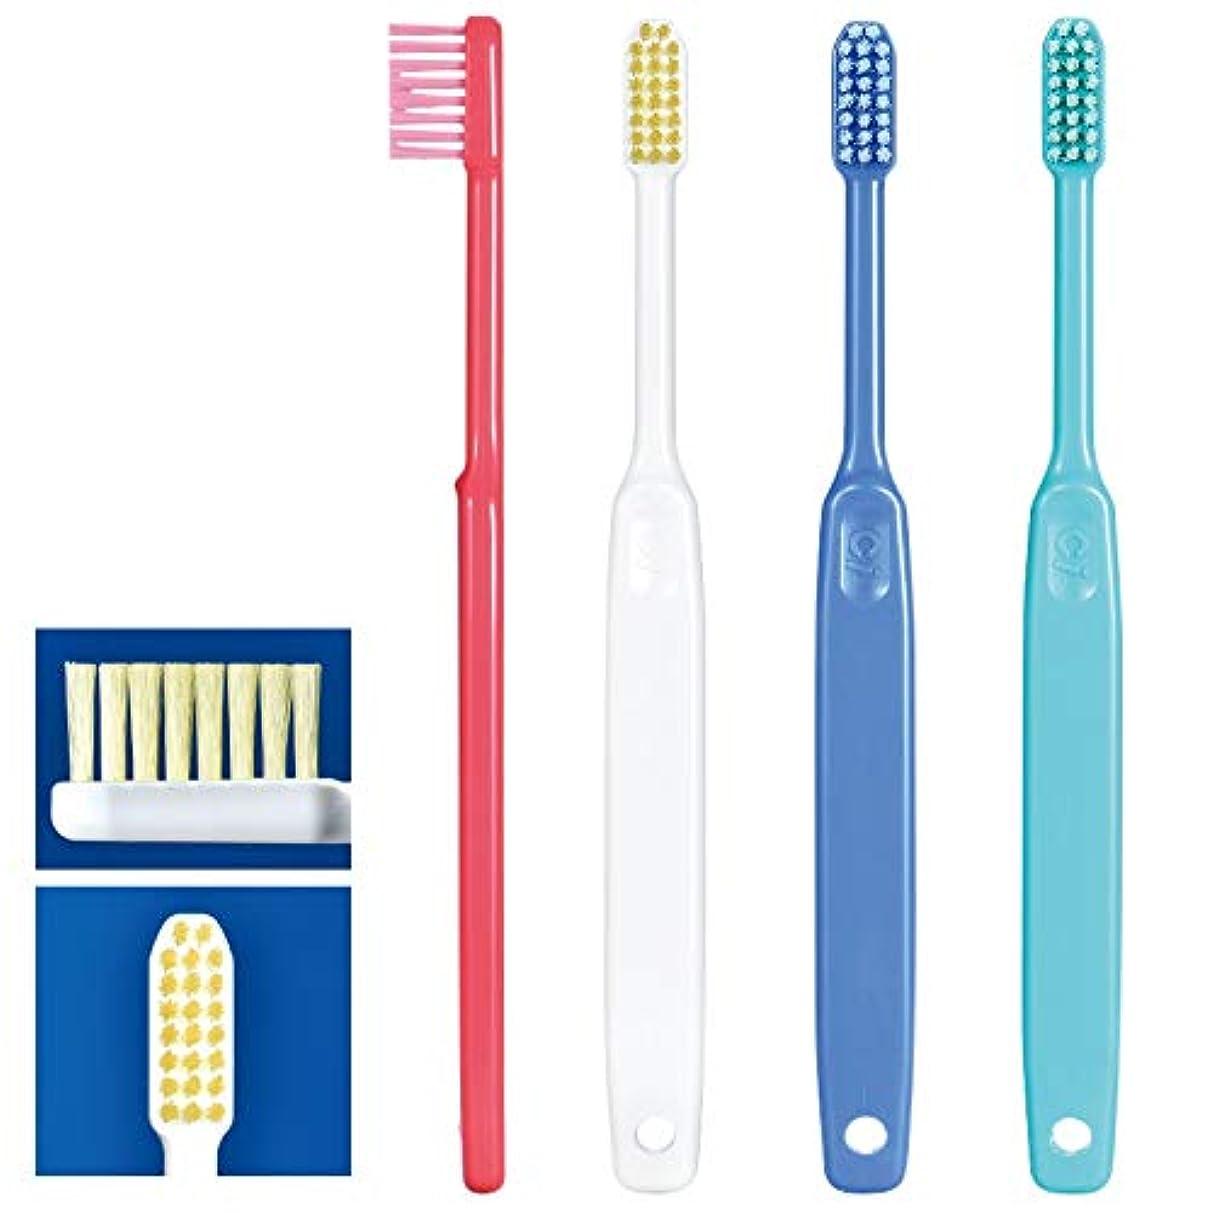 チョコレート正午転送Ci20カラー歯ブラシ 20本 MS(やややわらかめ) 日本製 カラー毛 高密度植毛 歯科専売品